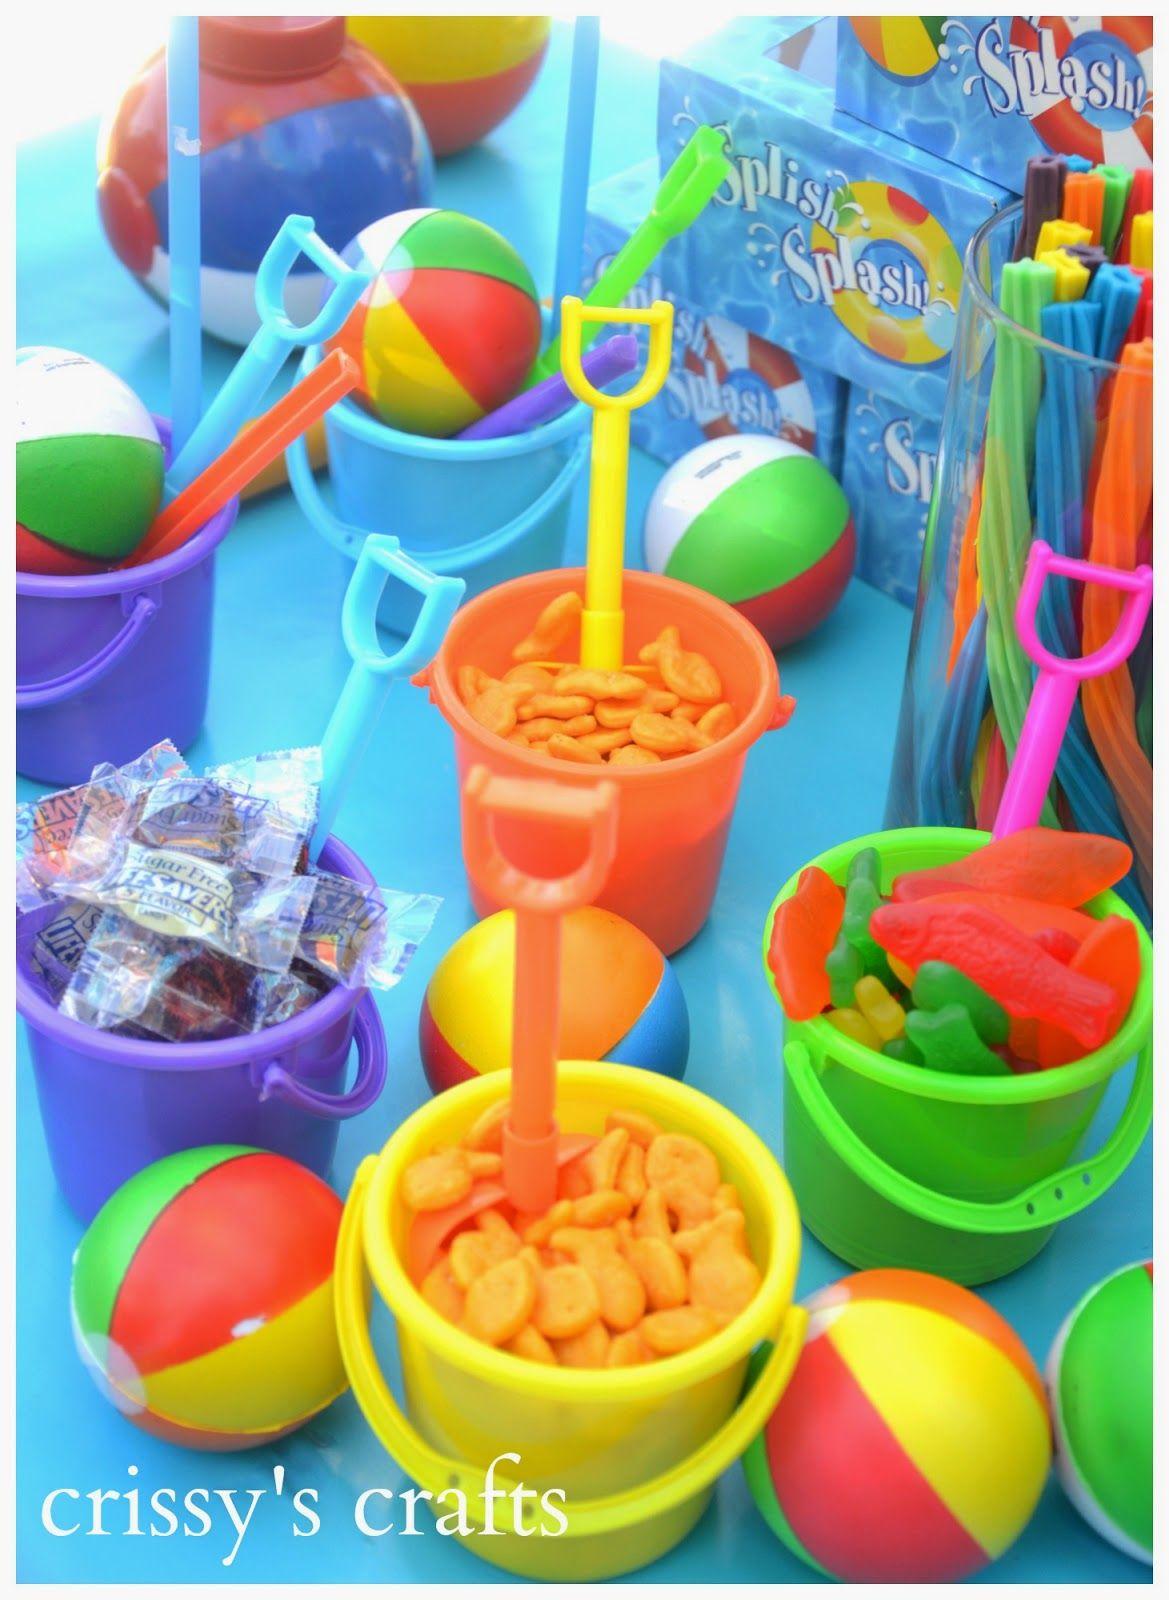 De crissy oficios fiesta en la piscina de verano 2014 - Fiesta de piscina ...